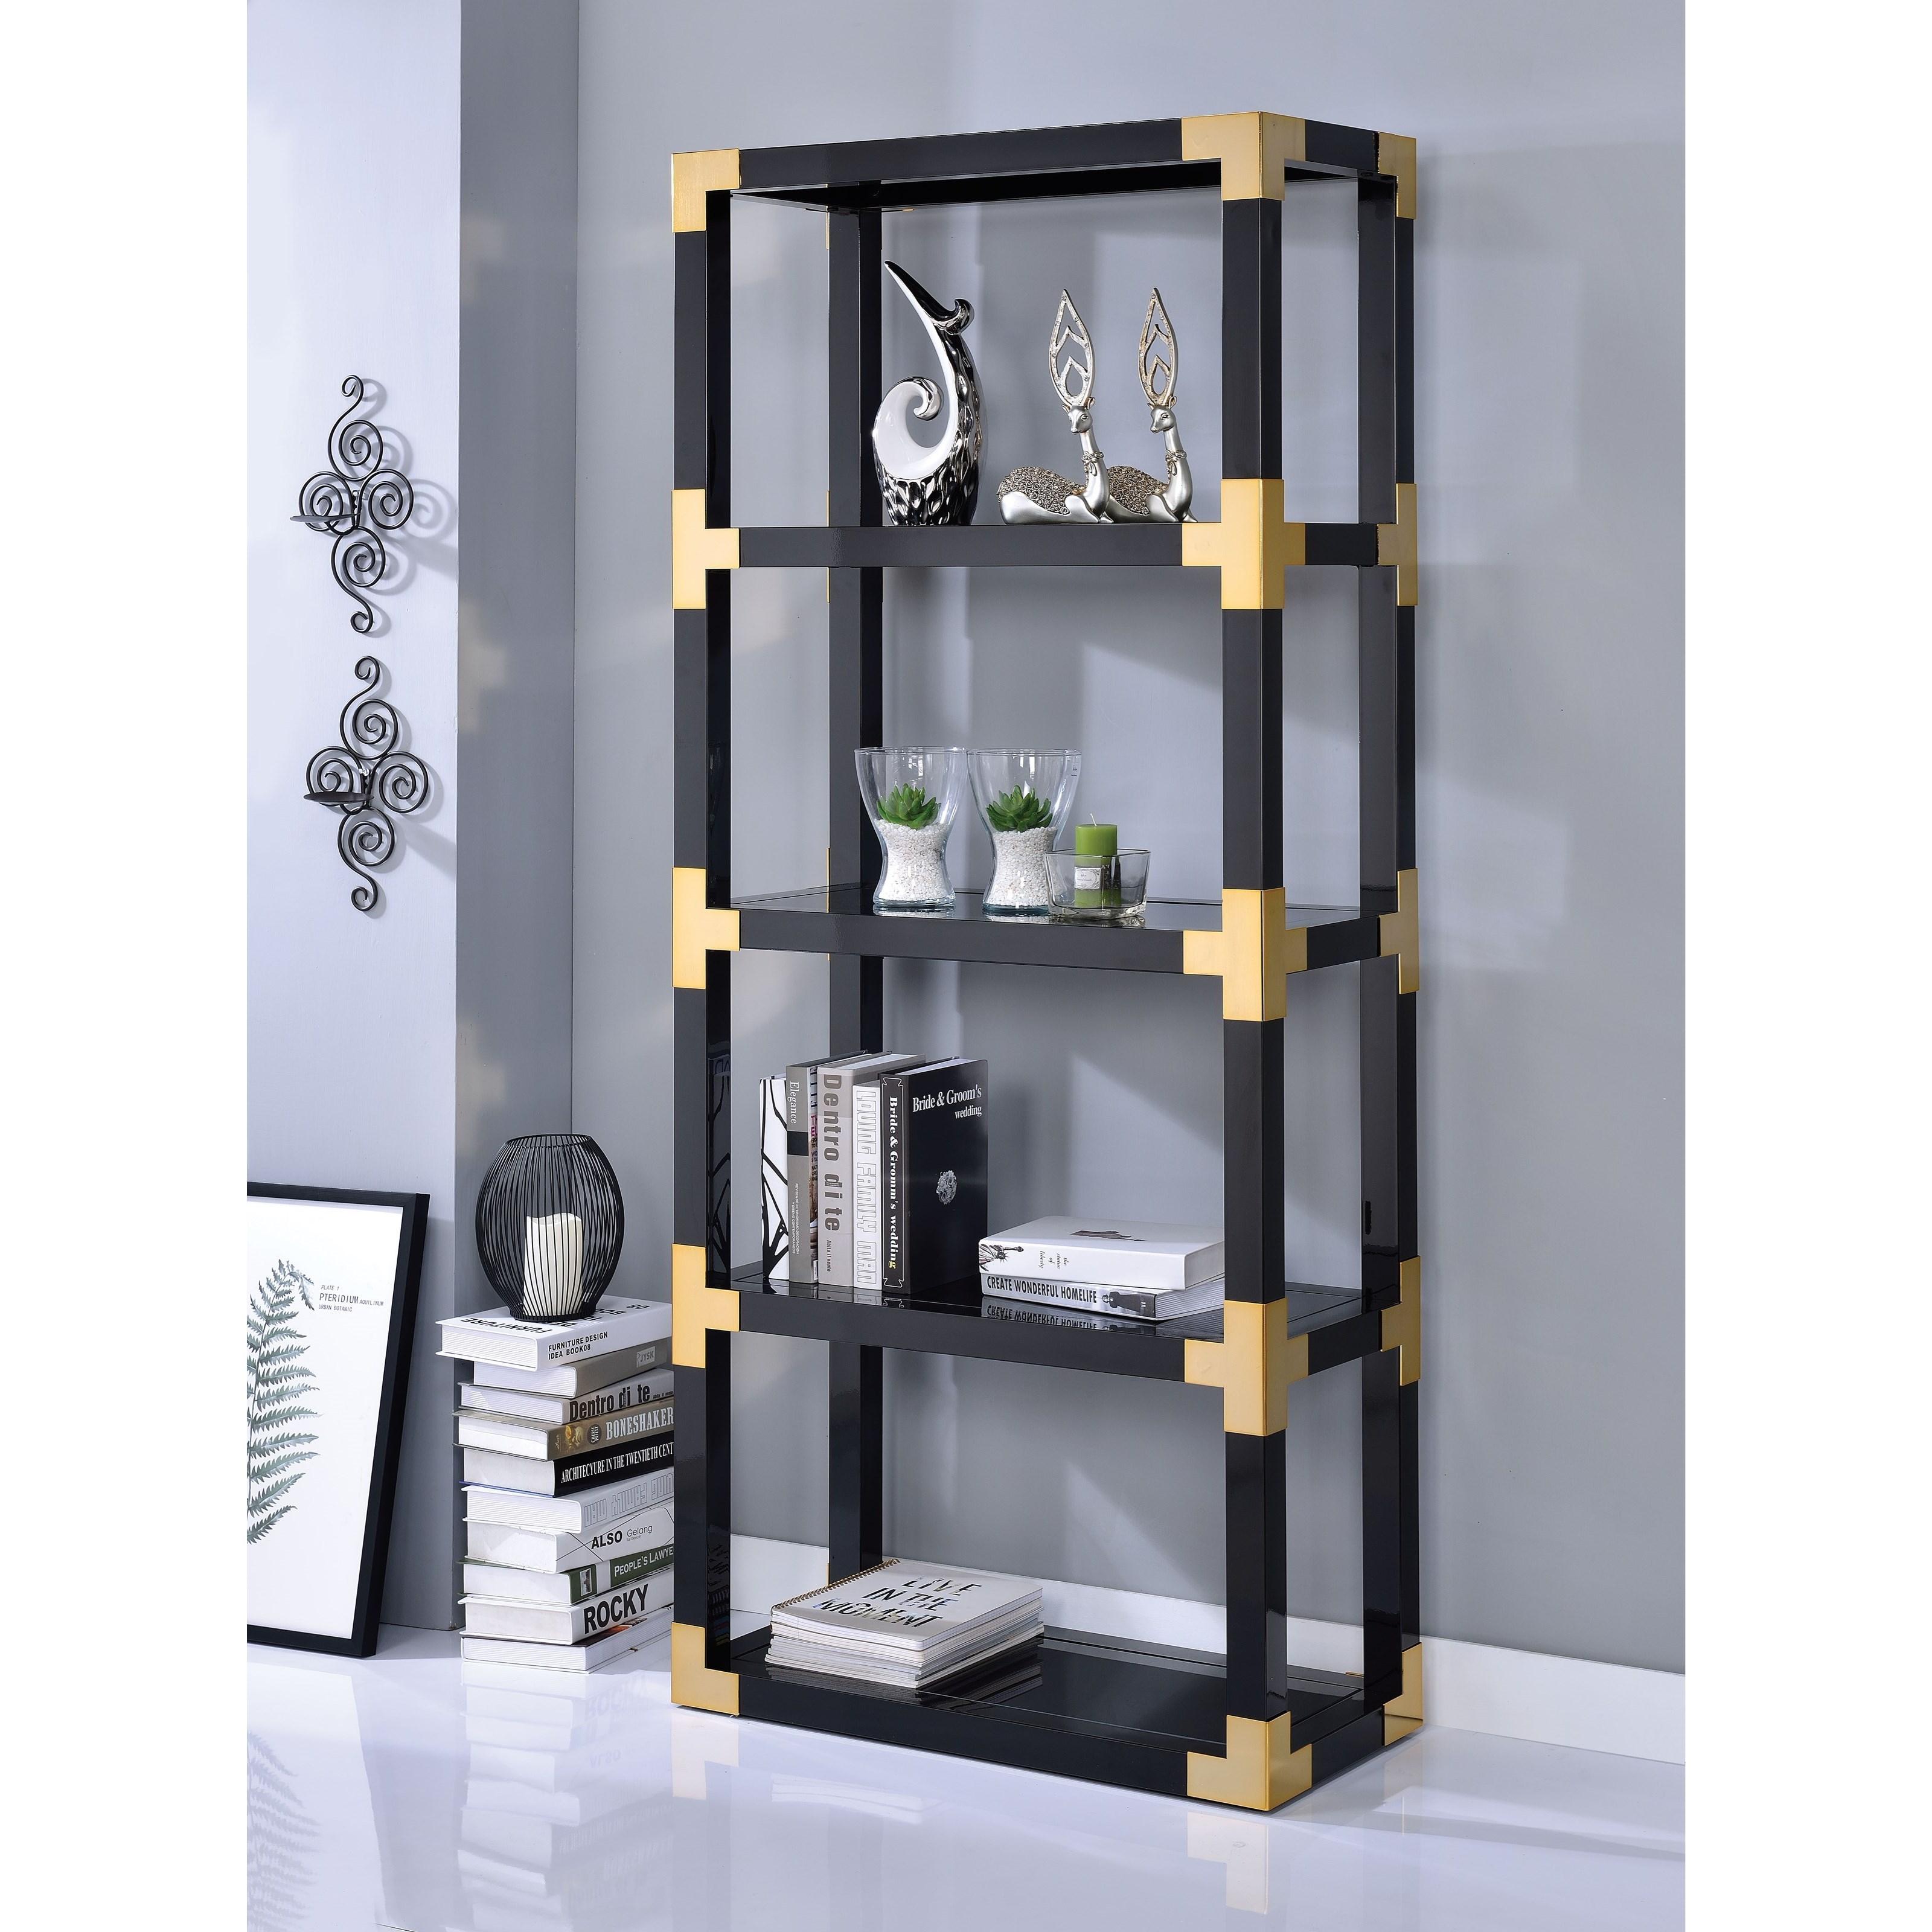 Lafty Bookshelf by Acme Furniture at A1 Furniture & Mattress